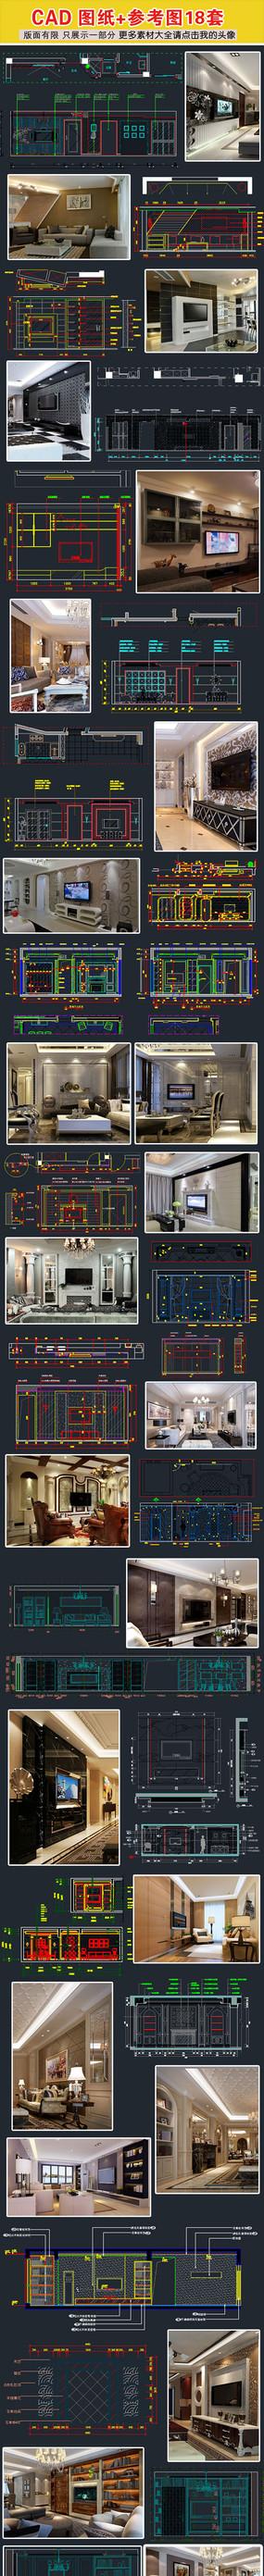 客厅餐厅卧室背景墙CAD图纸